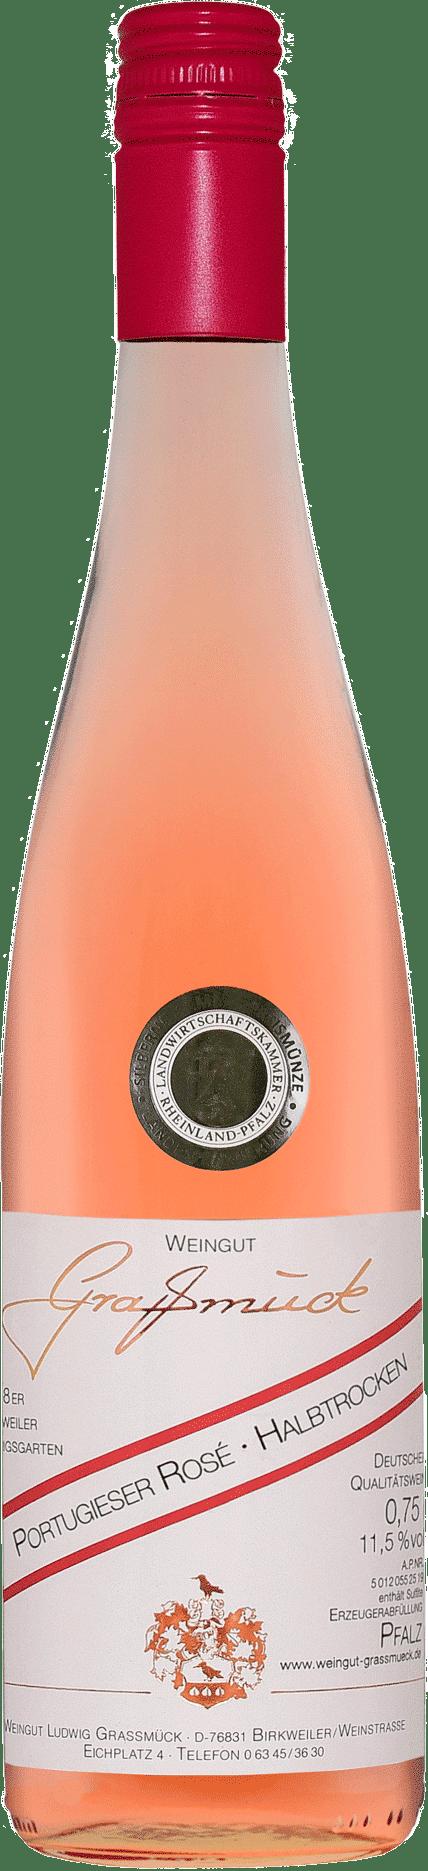 Weingut Ludwig Graßmück, Simon Graßmück, Portugieser Rose, halbtrocken